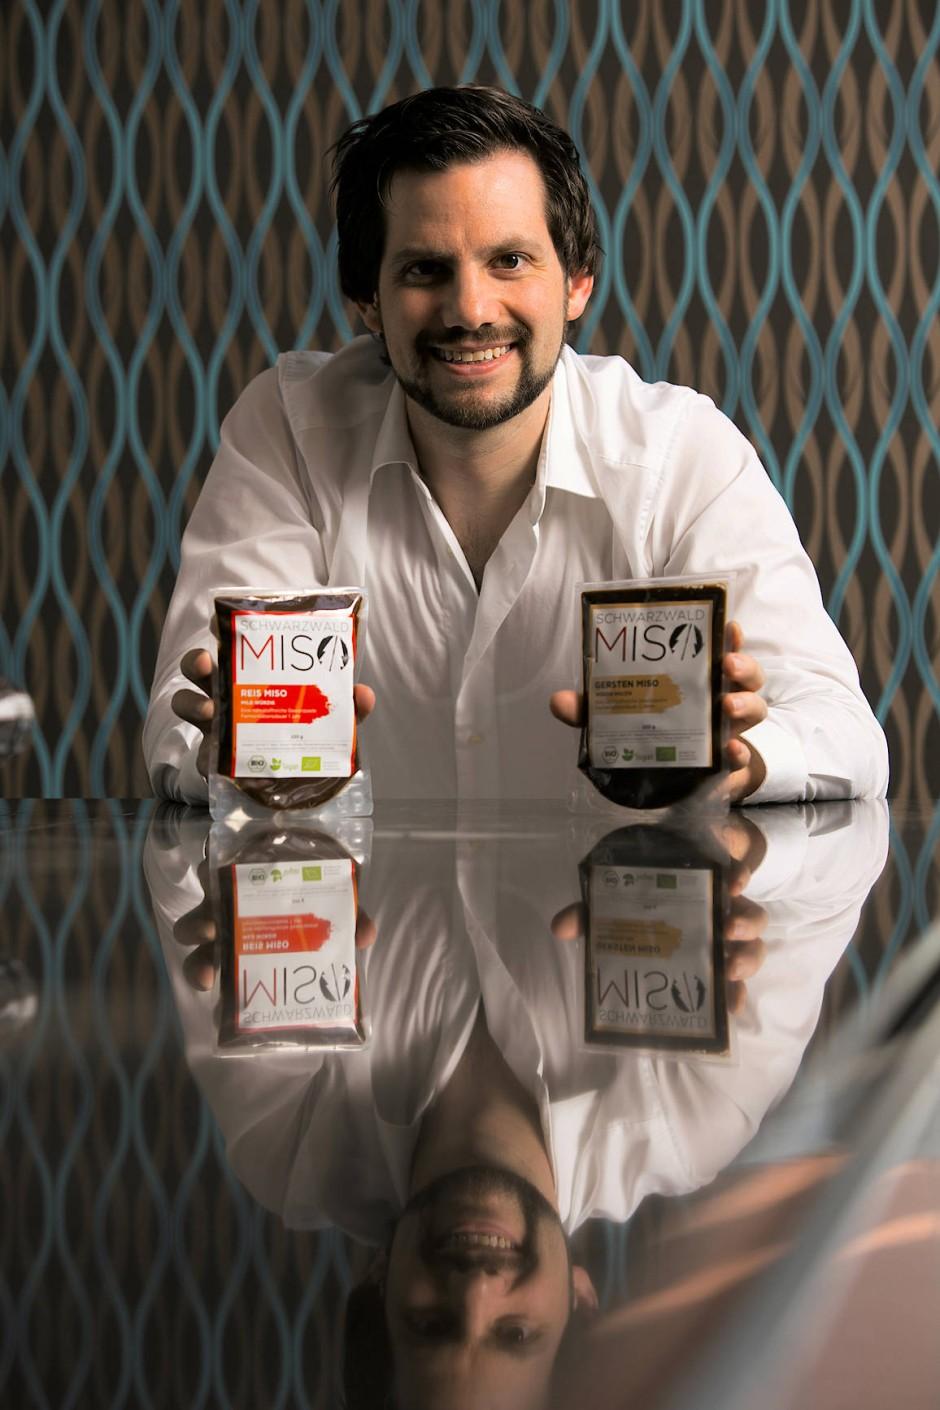 Peter Koch arbeitete in der Automobilbranche, bis er damit begann, deutsche Miso-Paste nach japanischem Vorbild herzustellen.